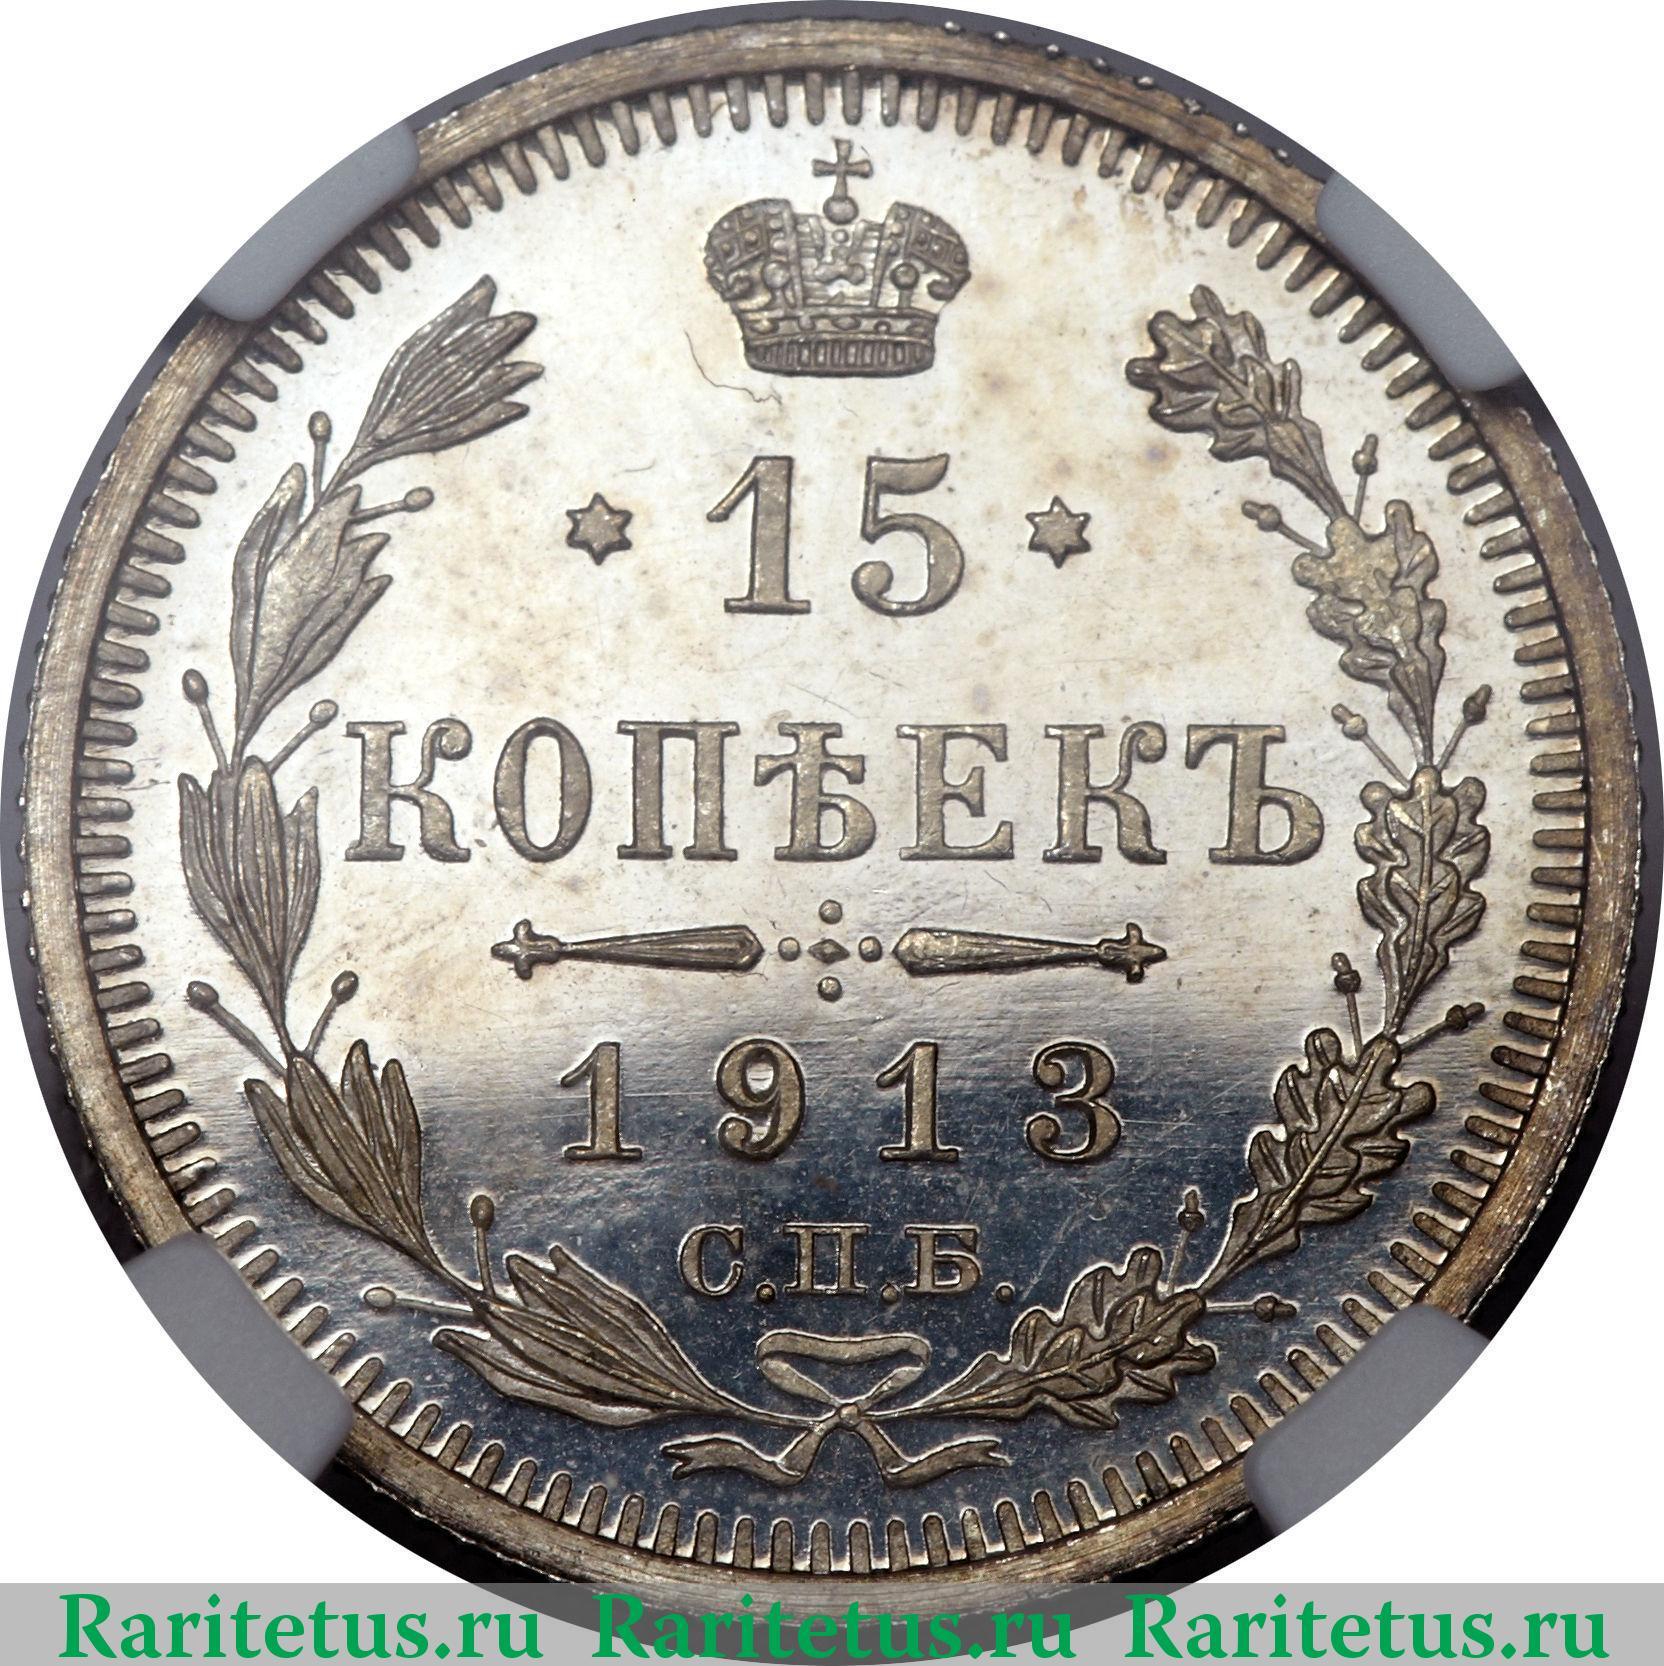 Царская монета 15 копеек голда с купюры 10 шекелей